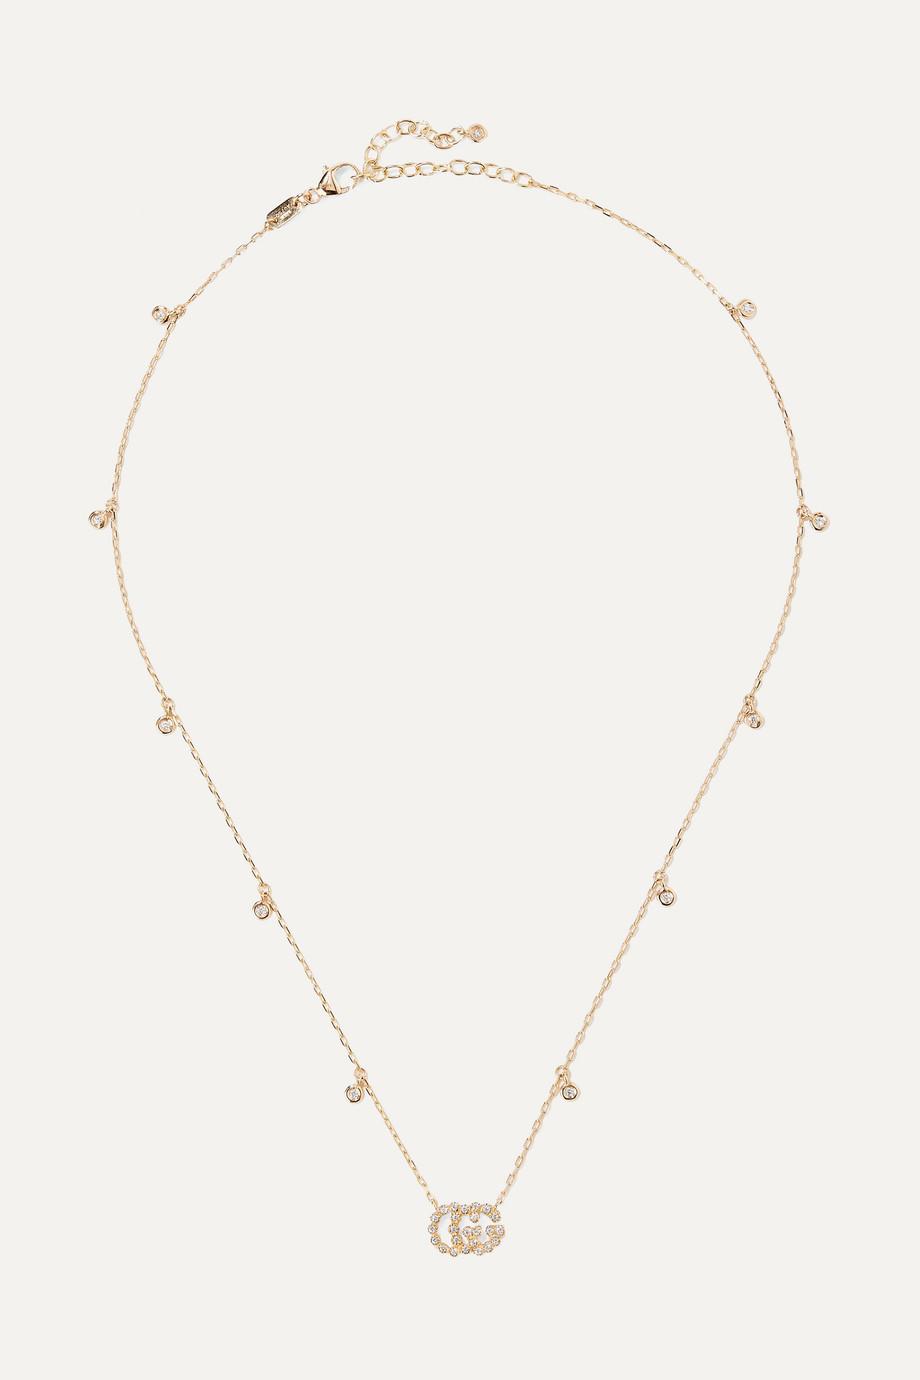 Gucci 18K 黄金钻石项链